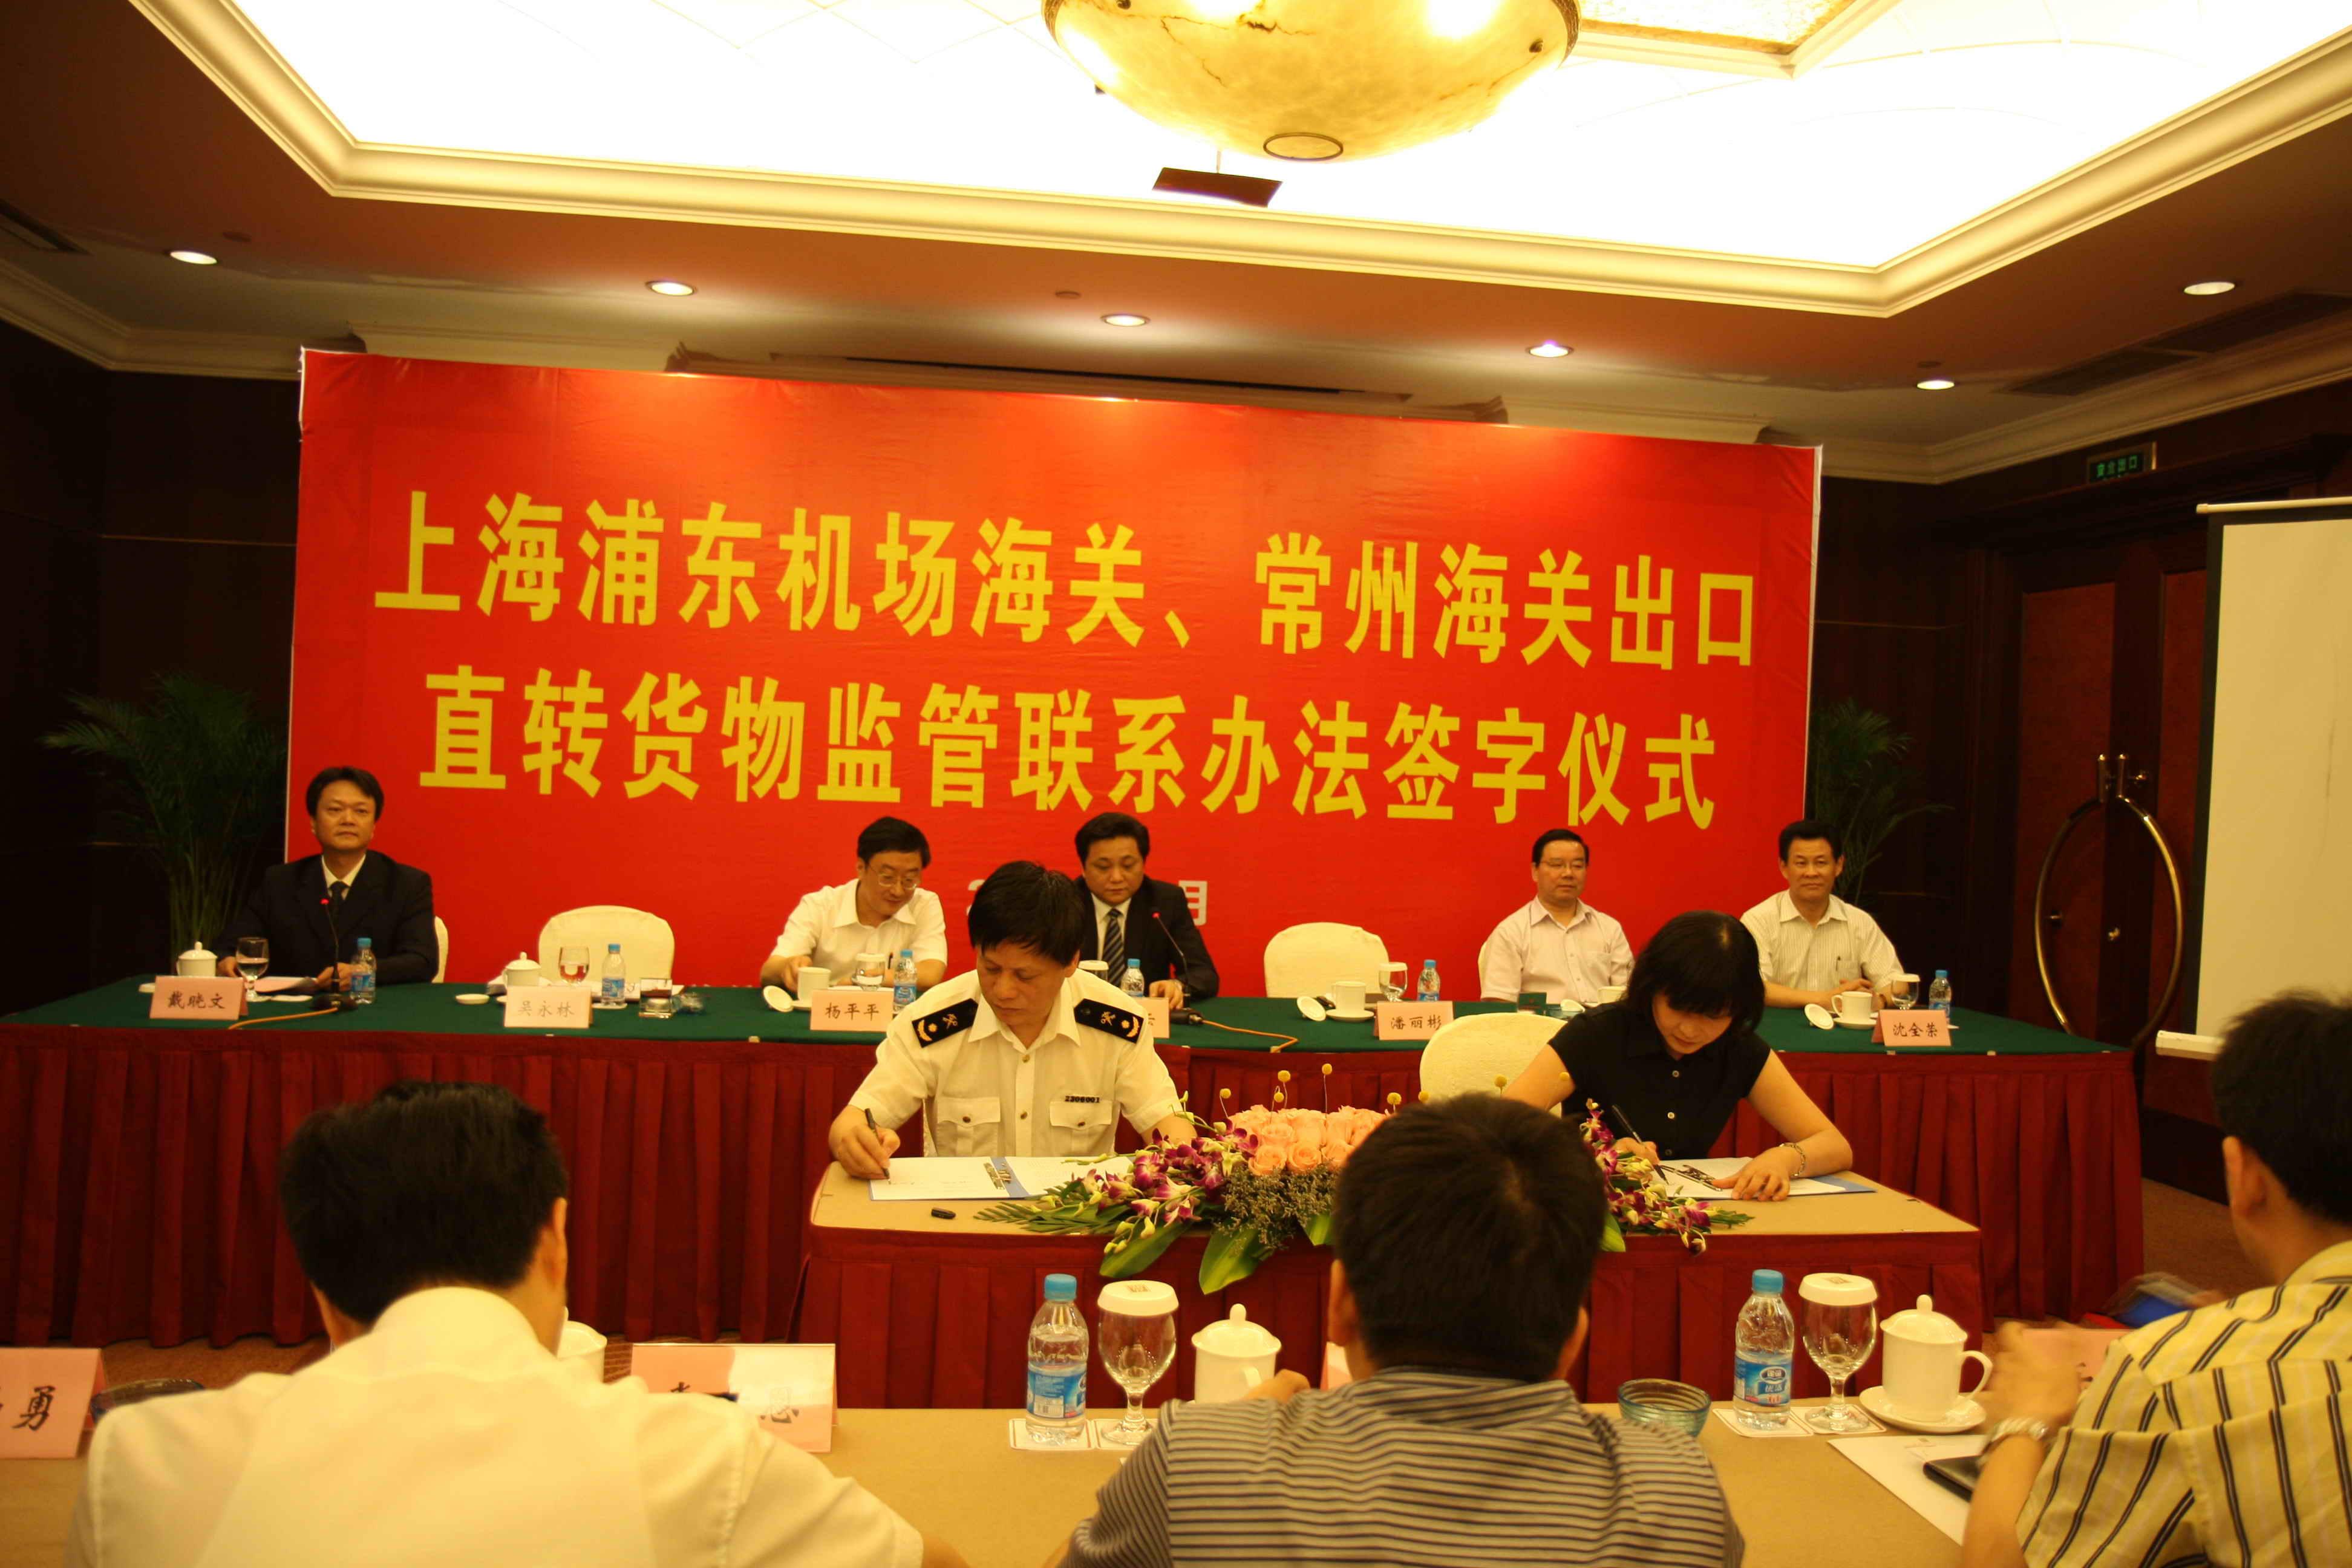 常州海关与上海浦东国际机场海关签订《出口直转货物监管联系配合办法